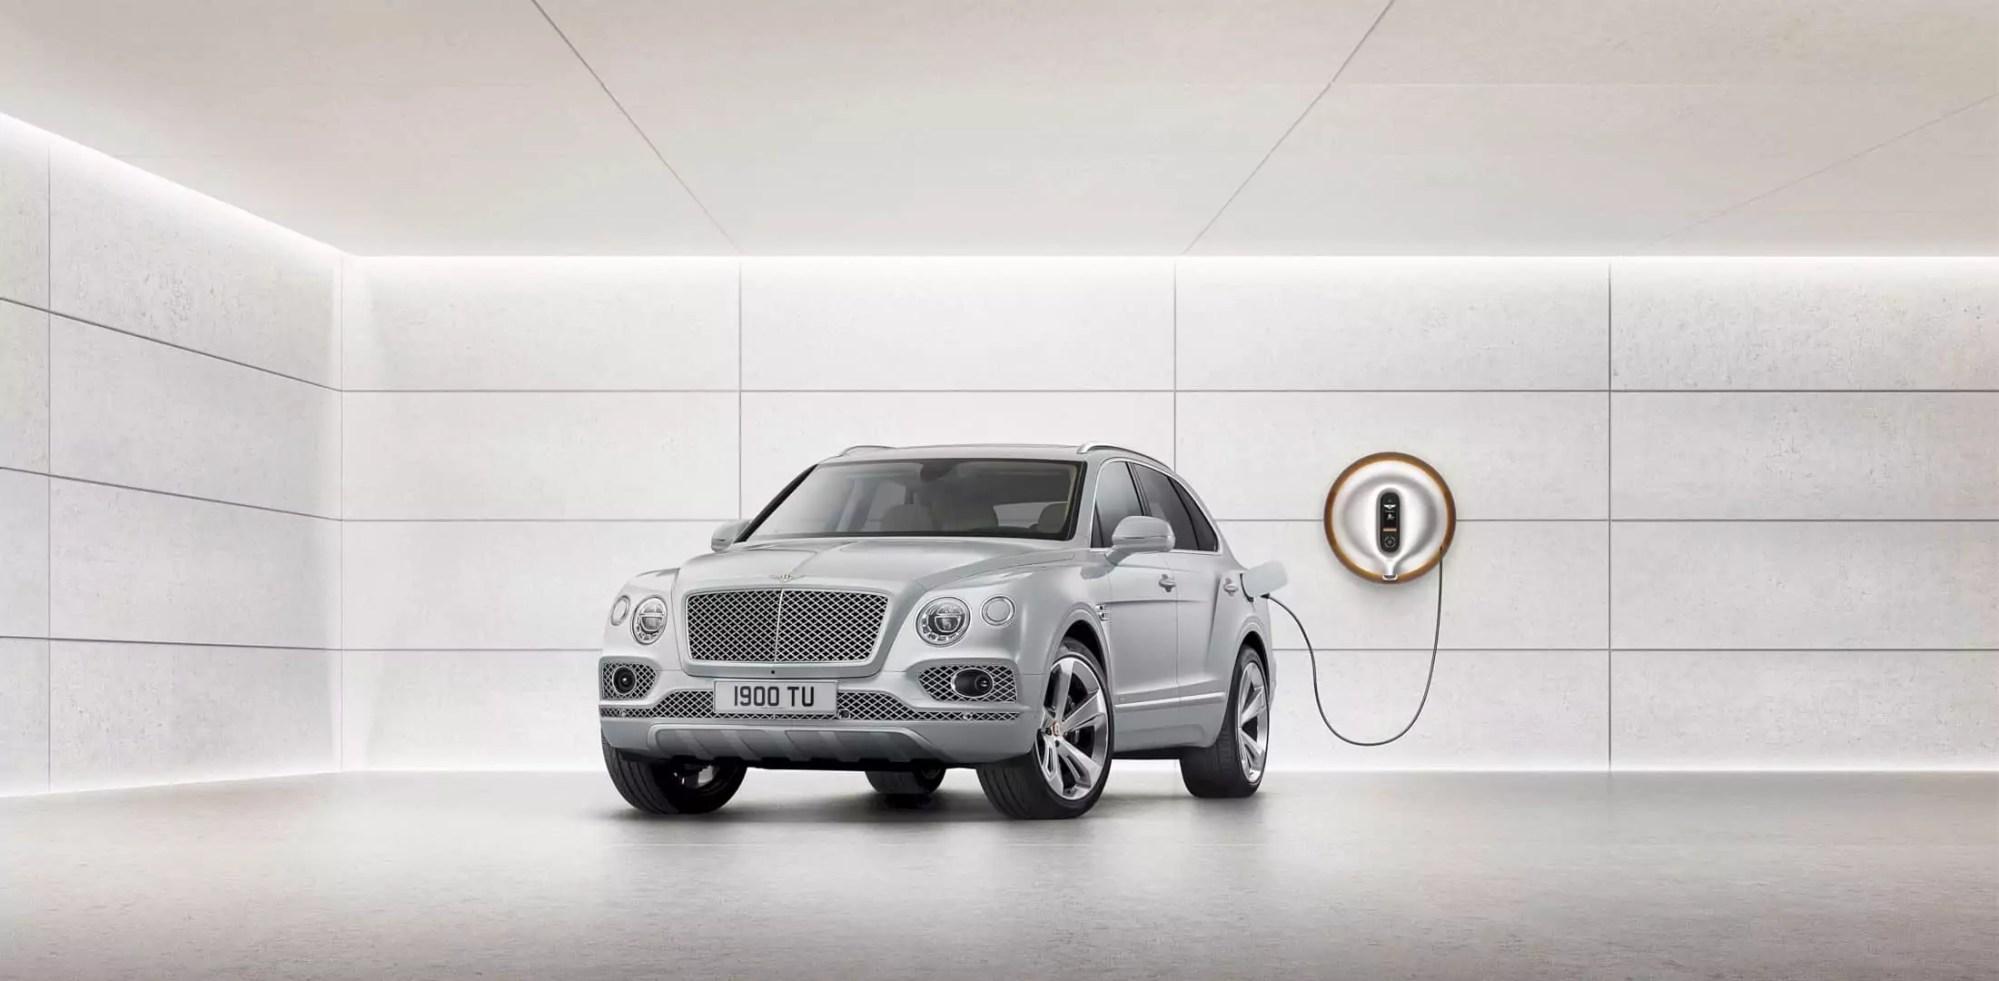 The Bentley by Starck Power Dock: The Avant Garde of Power Dock